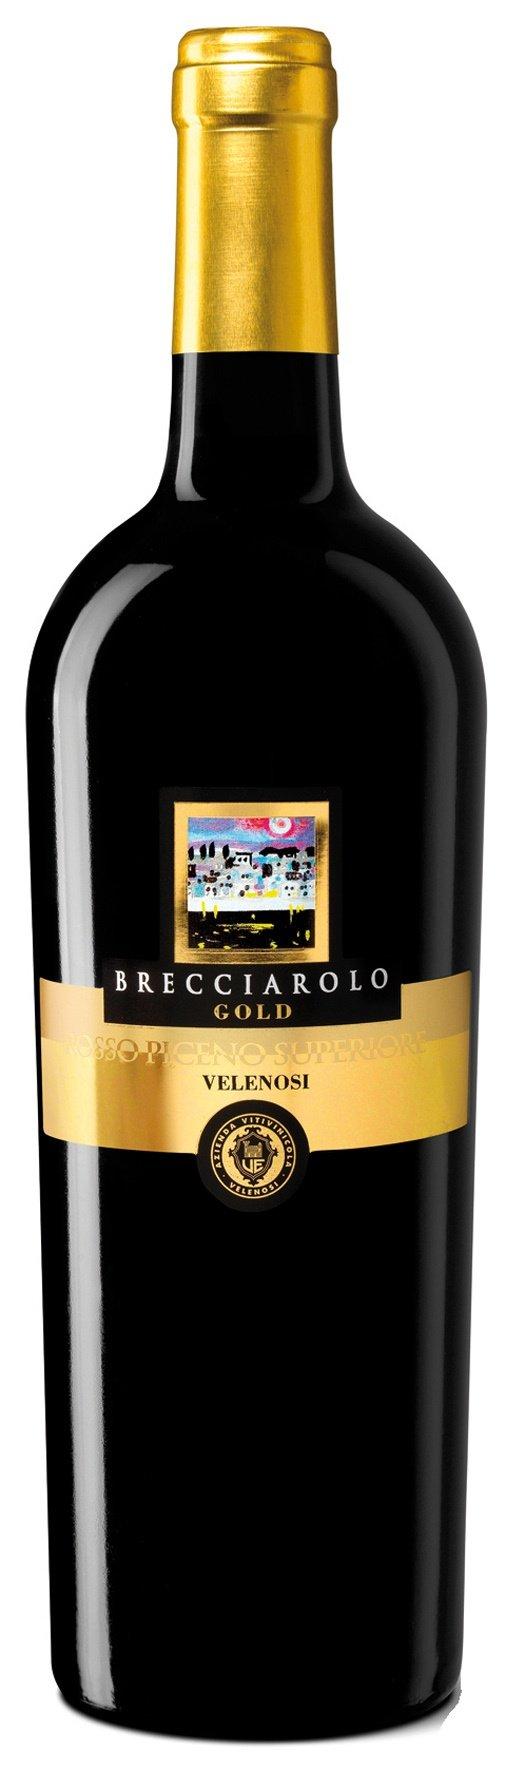 6x-075l-2015er-Velenosi-Brecciarolo-Gold-Rosso-Piceno-Superiore-DOC-Marken-Italien-Rotwein-trocken